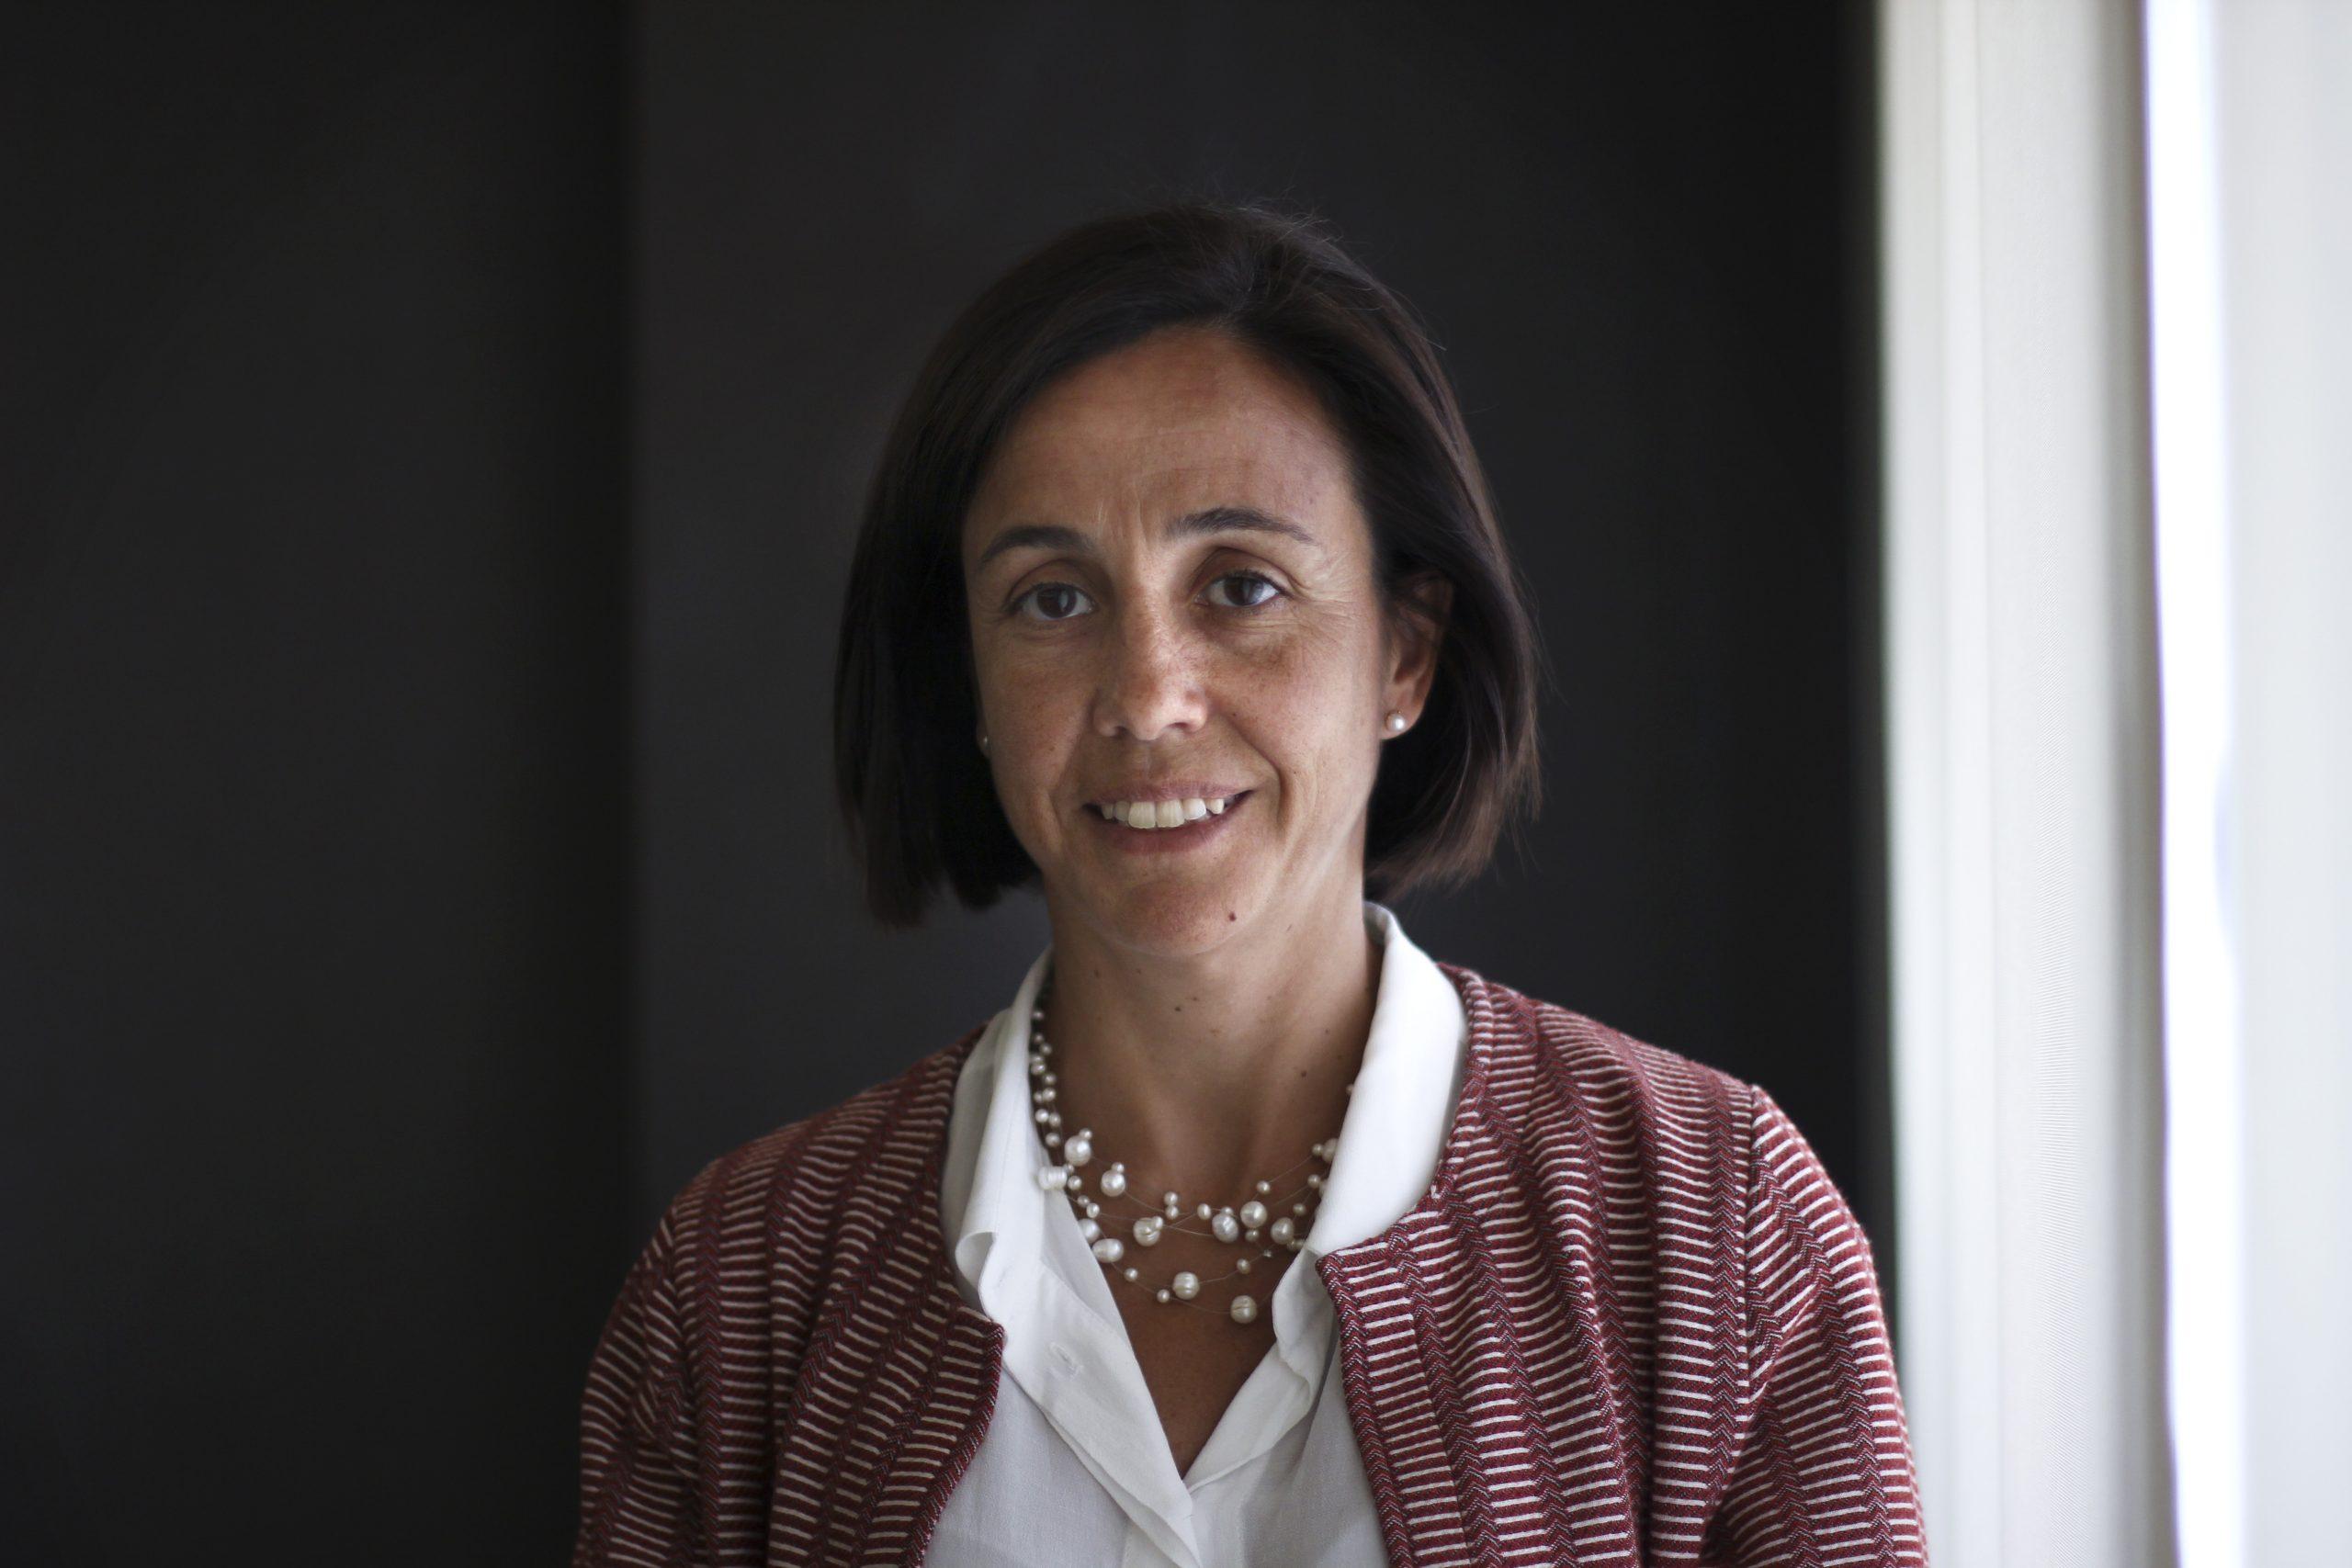 María Castro. Abogada en el despacho de abogados CCS en Linares